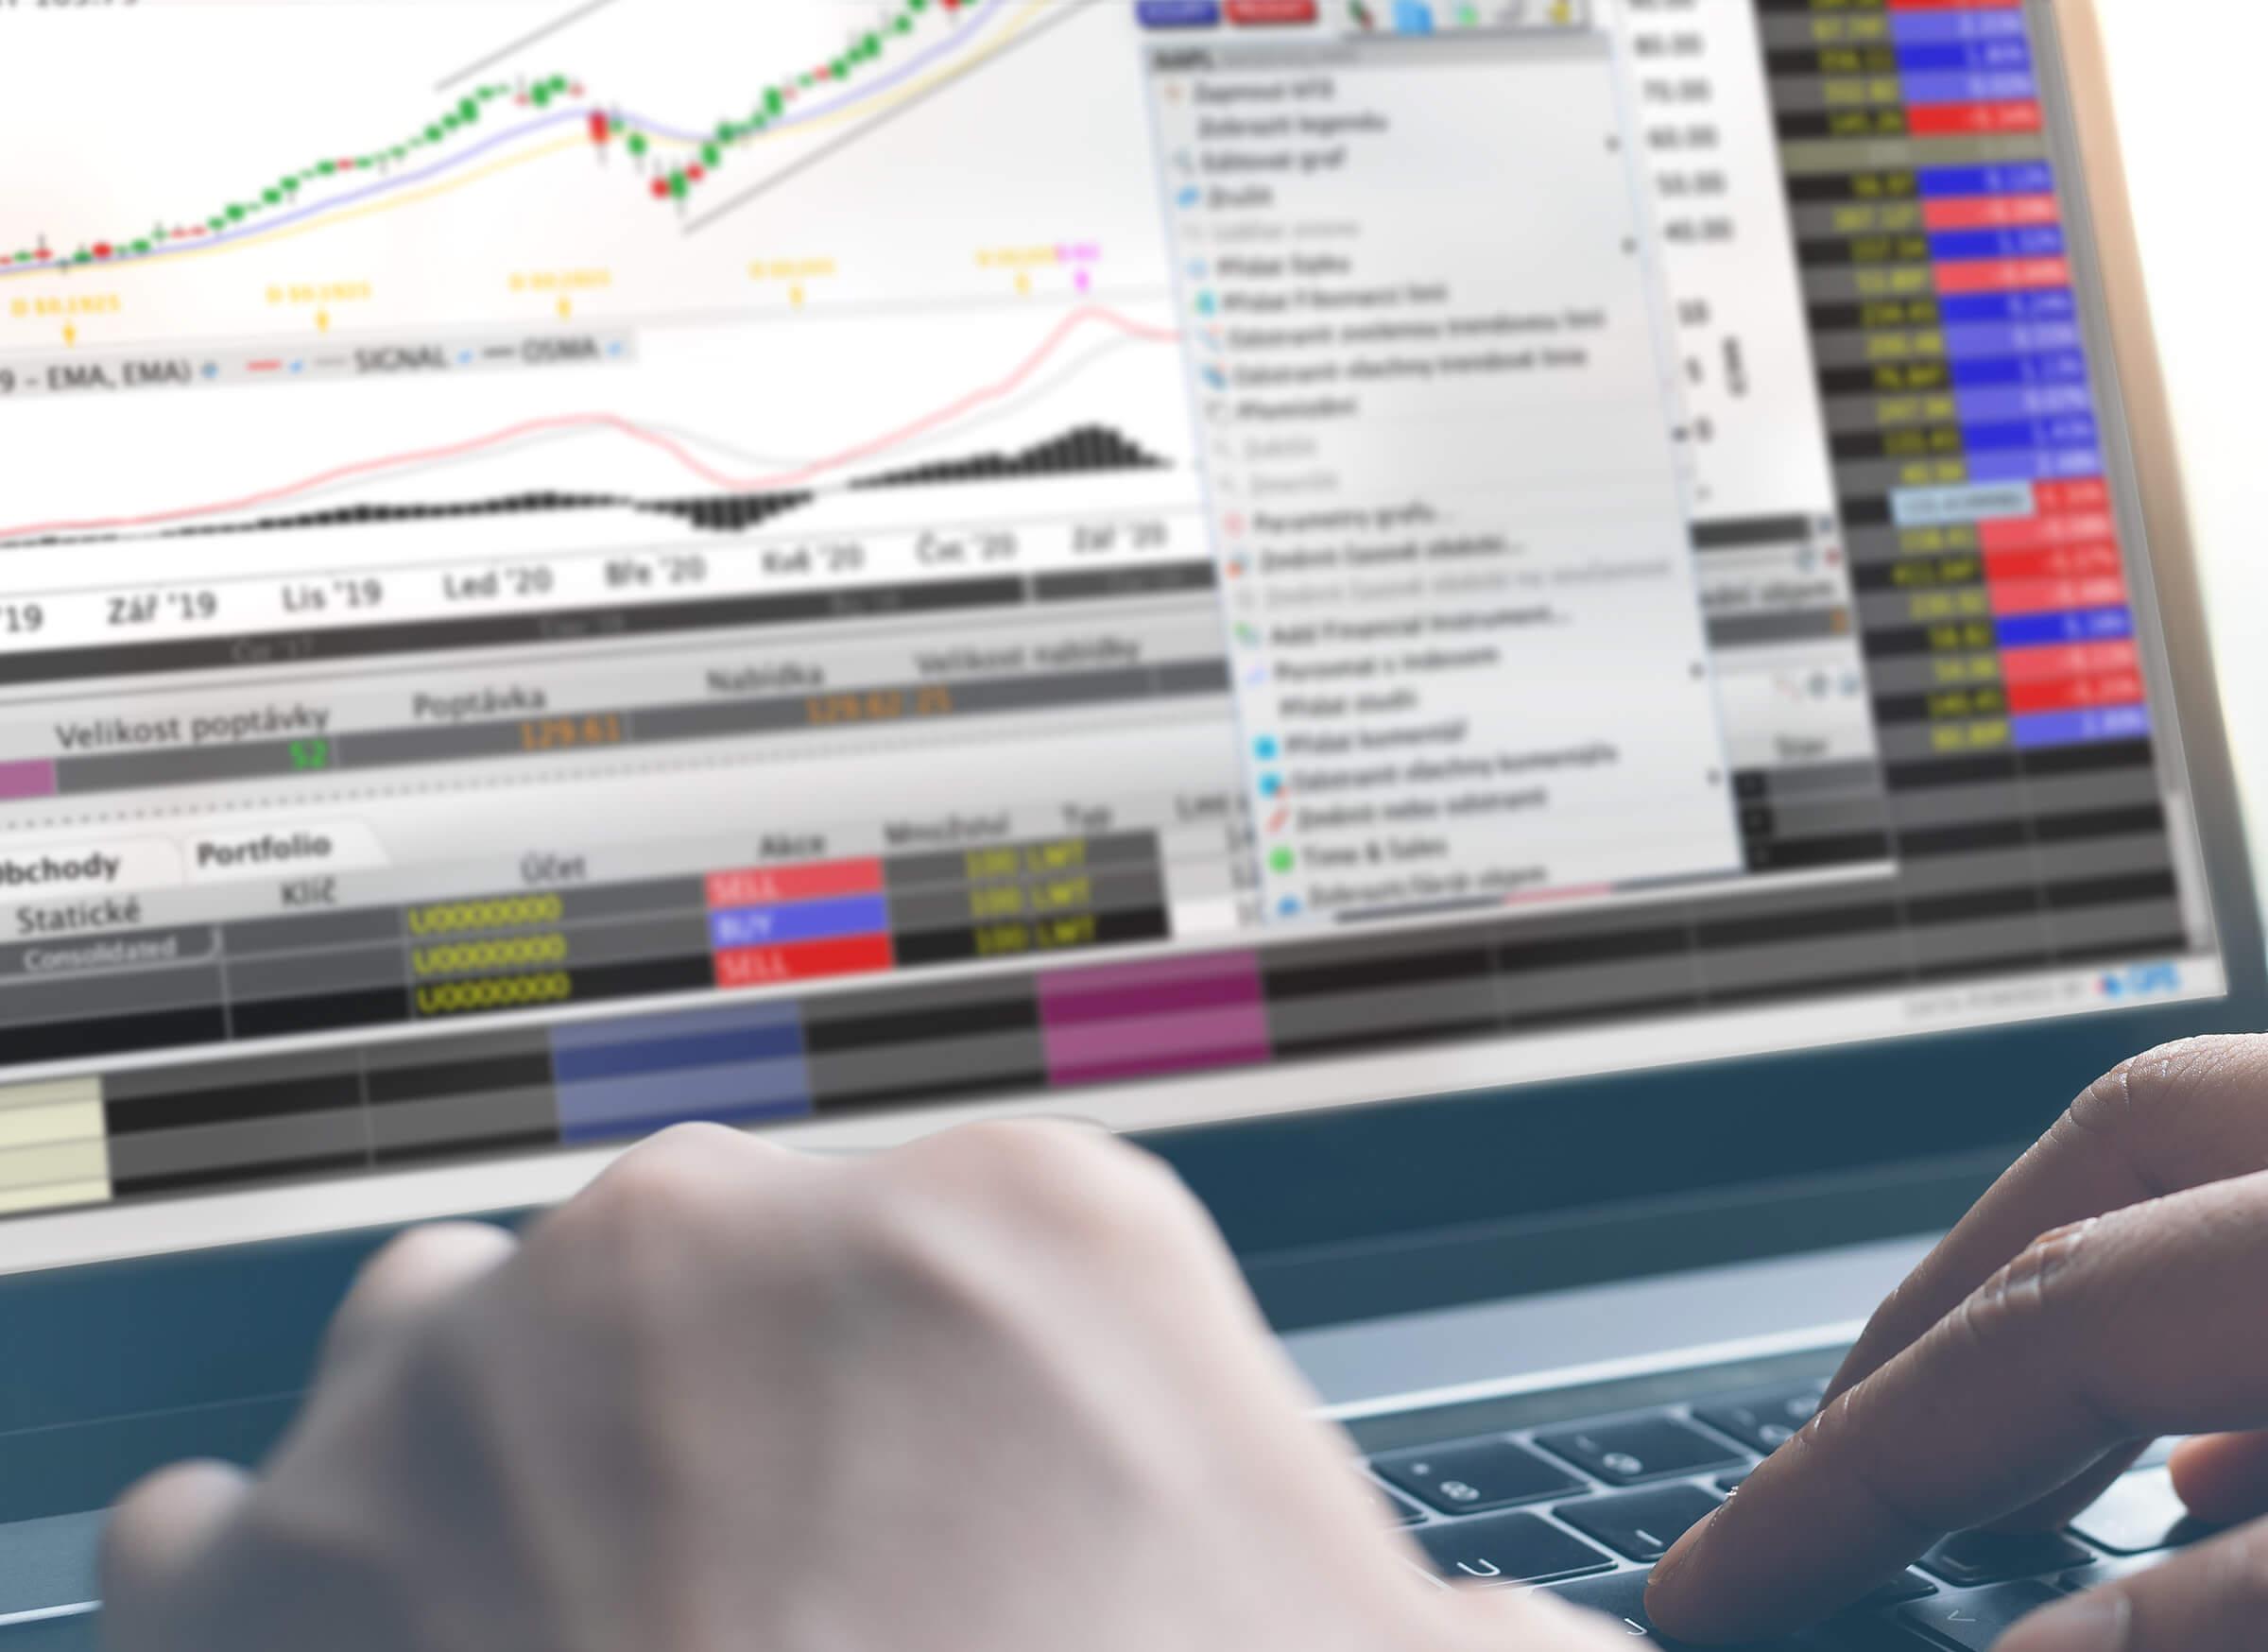 Obchodní platforma Trader Workstation (TWS) pro obchodování akcií, futures, opcí a dalších instrumentů